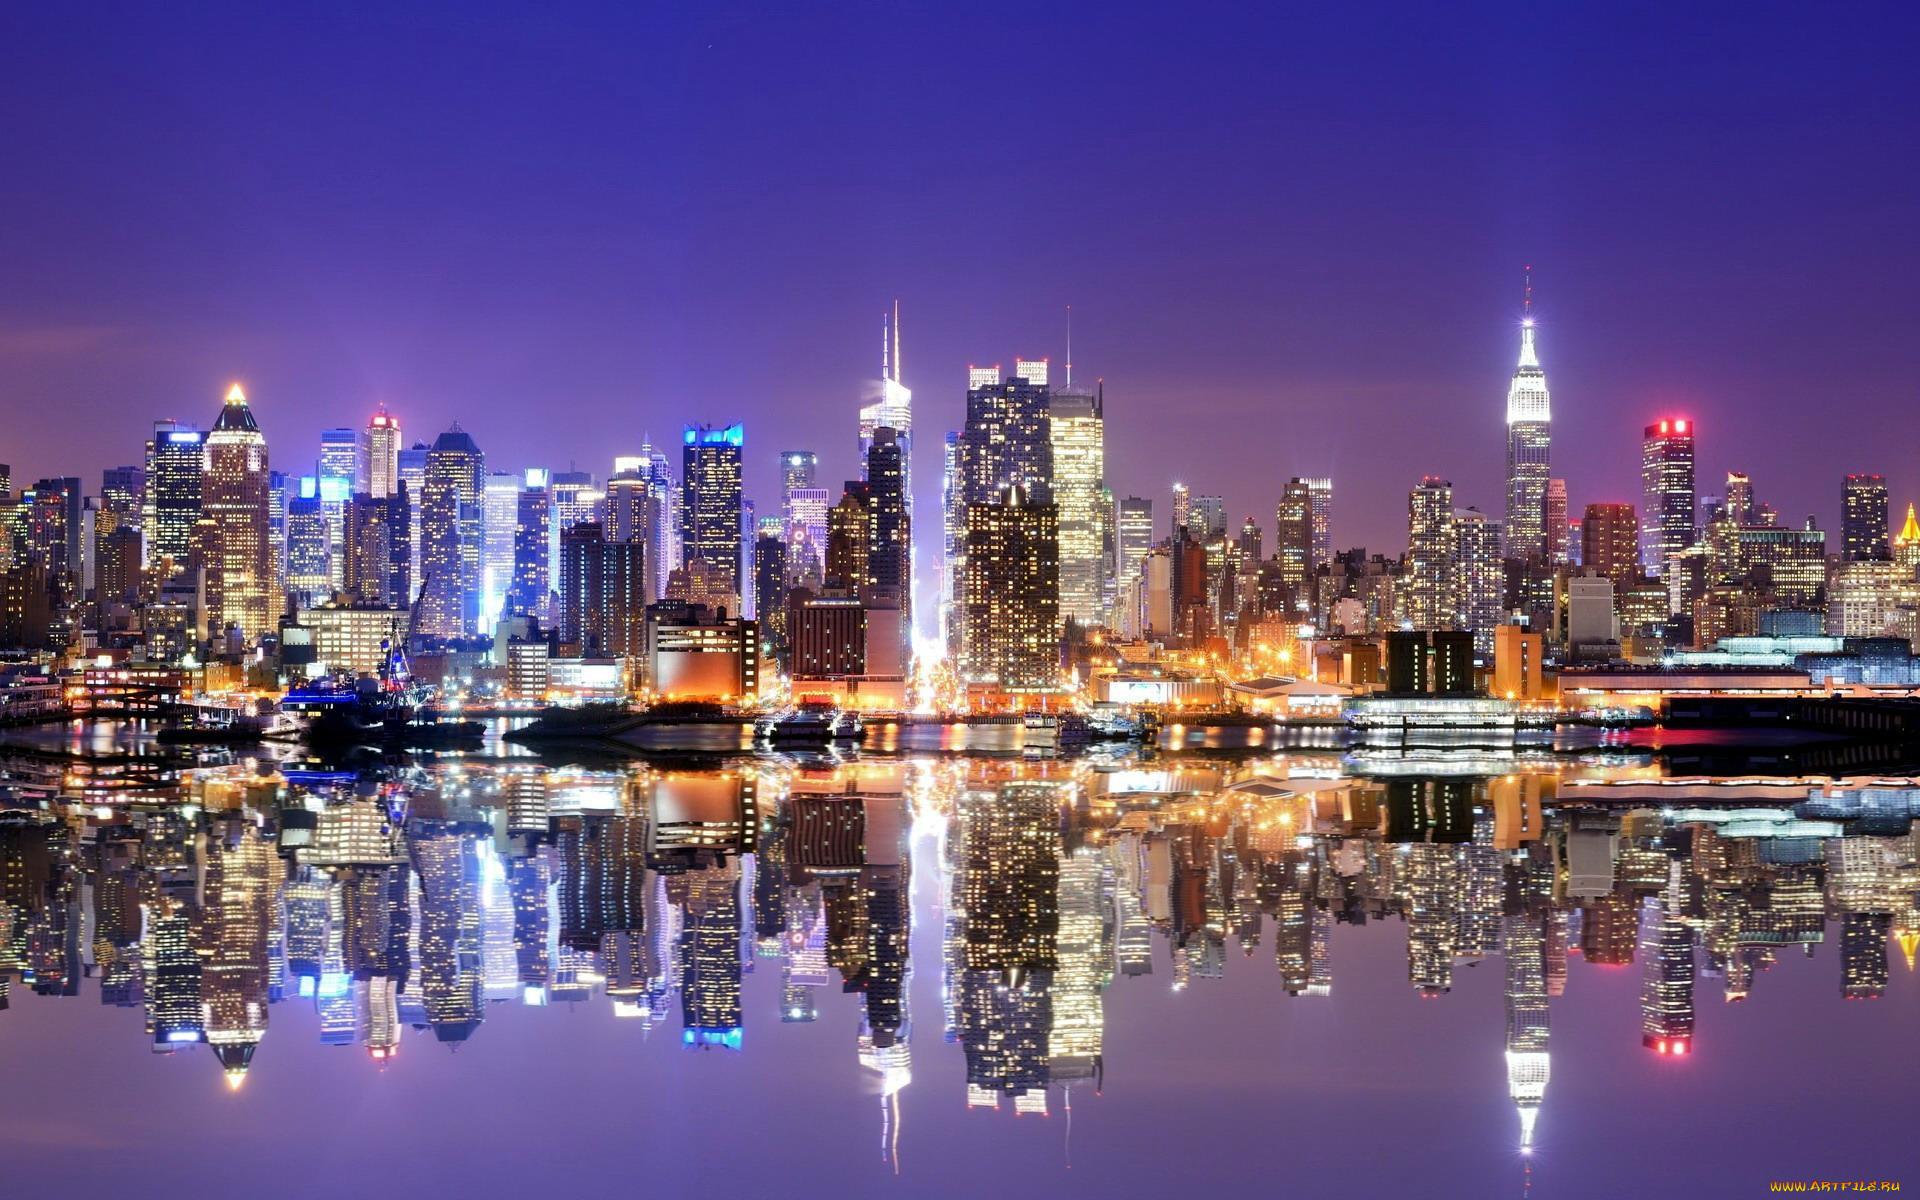 картинки высокого качества для фотопечати город